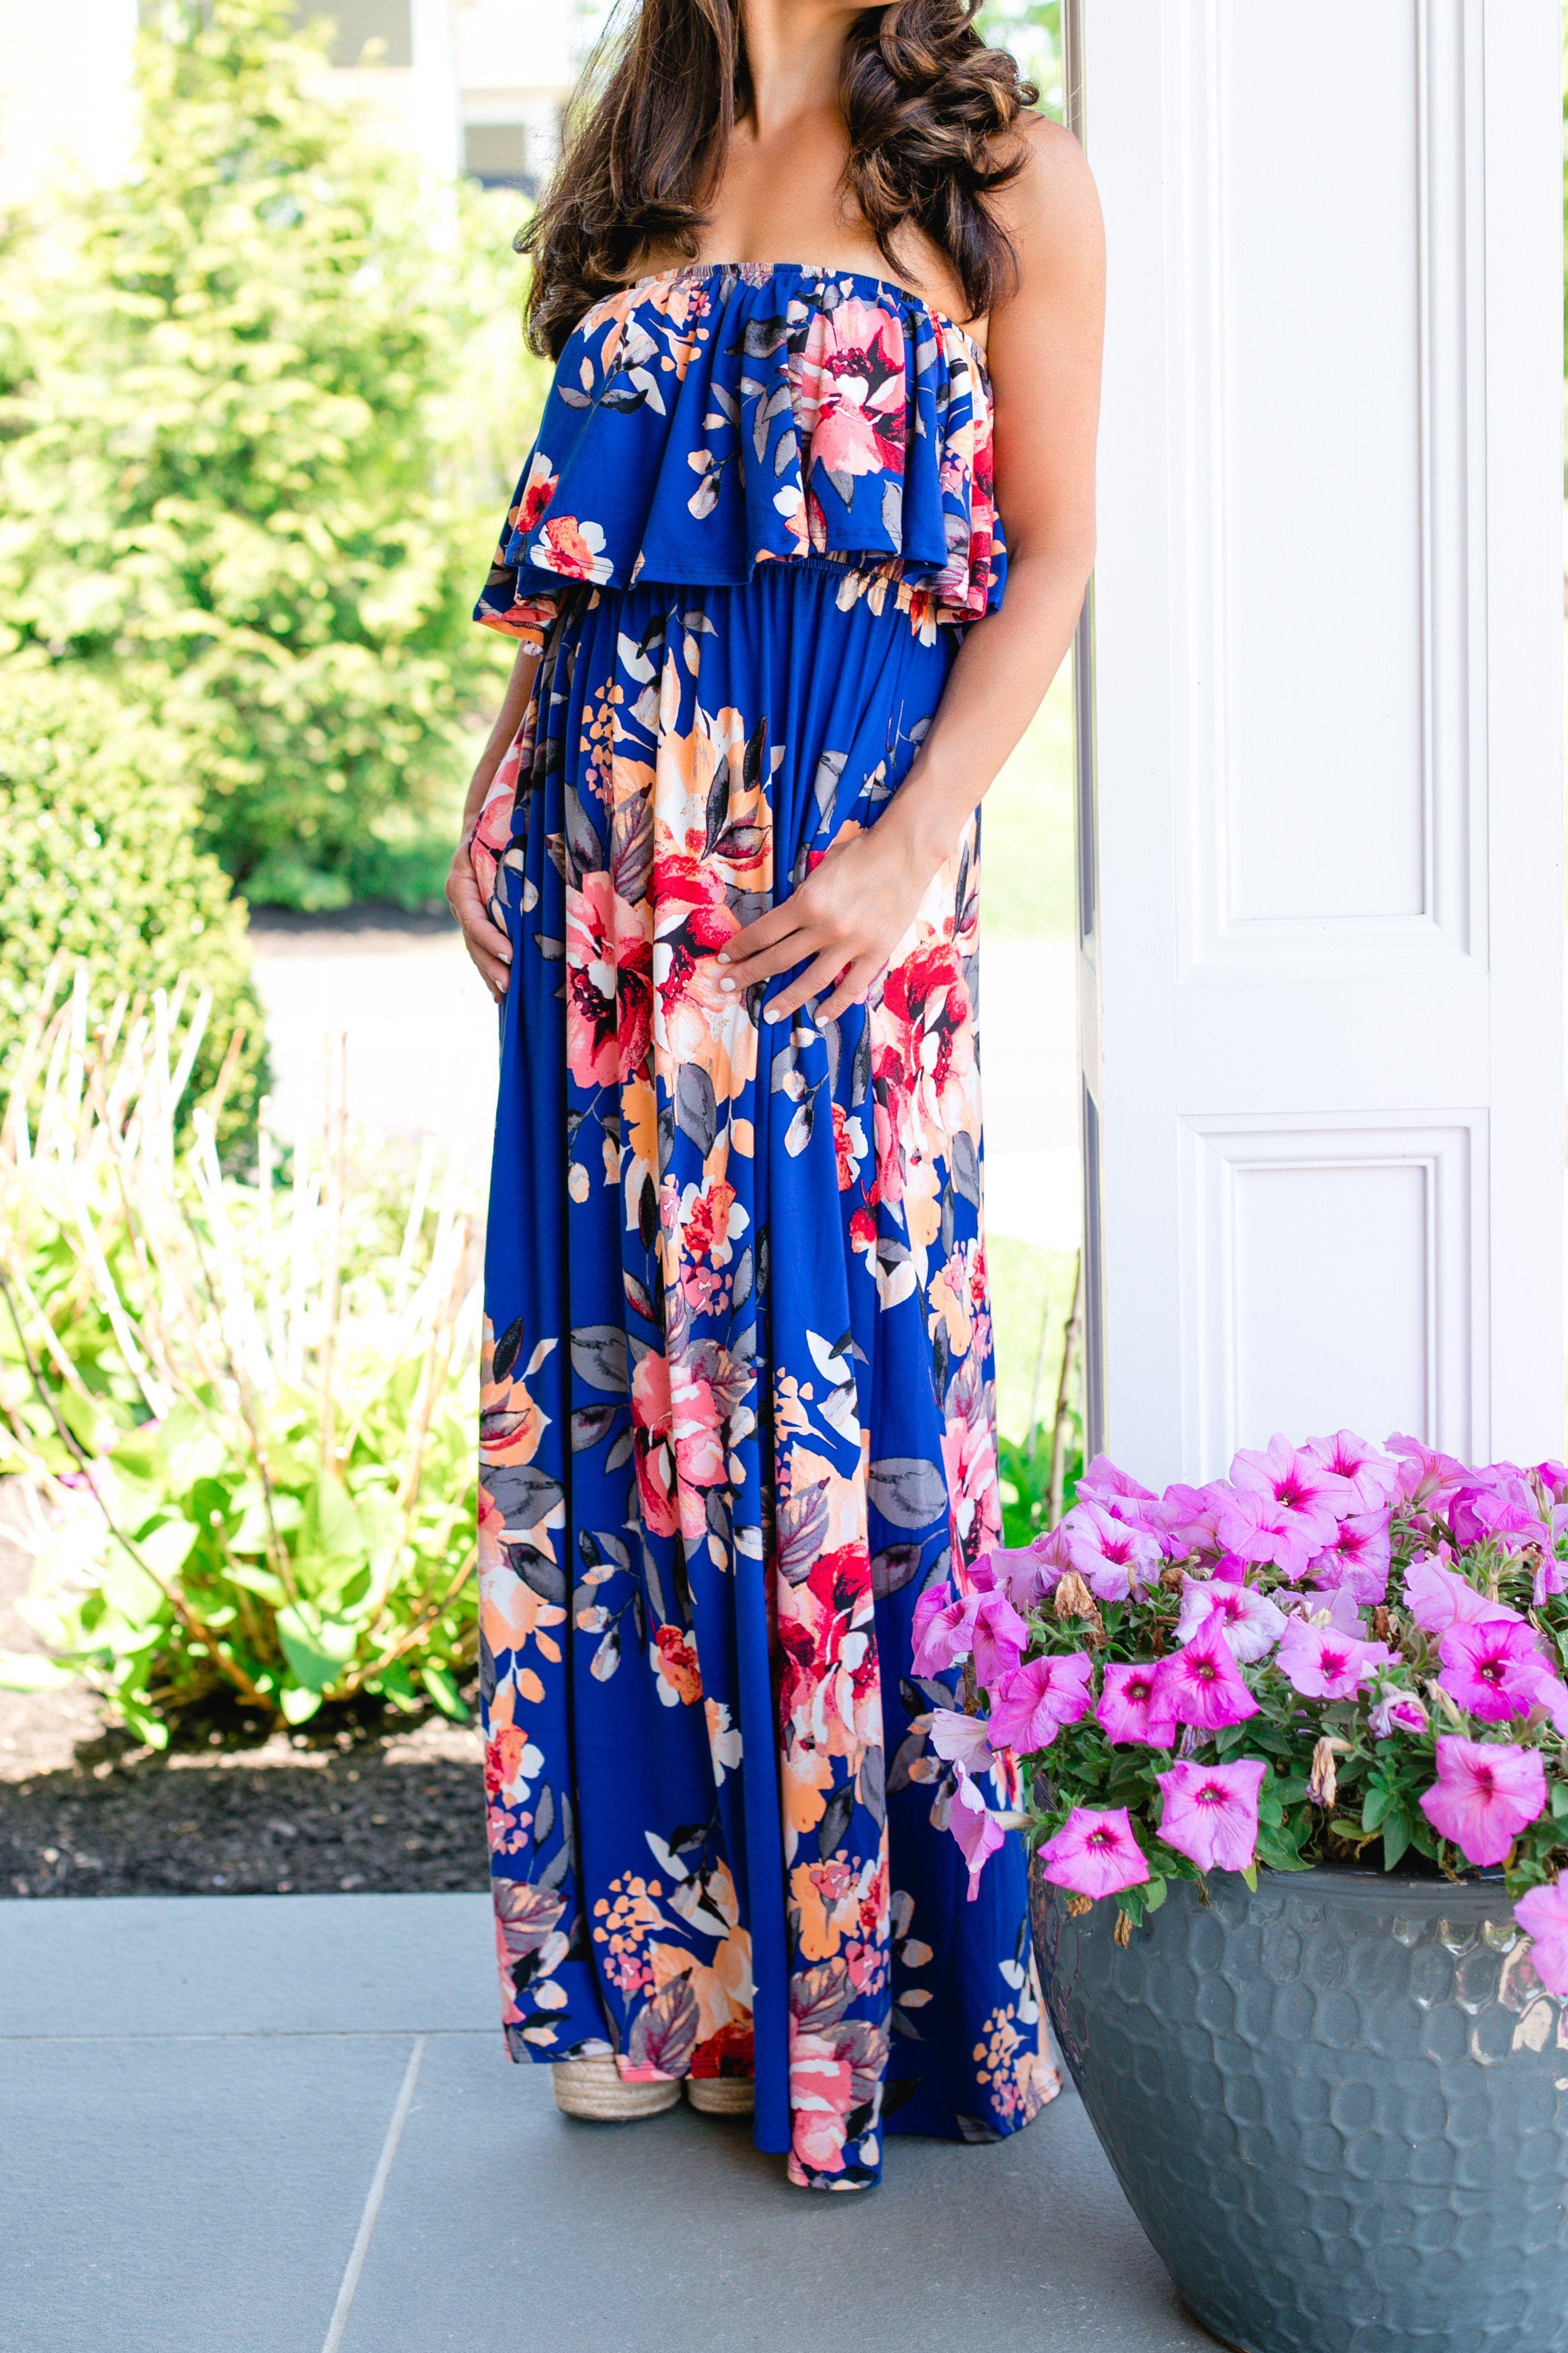 Summer Escape Blue Maxi Dress Maxi dress, Dresses, Maxi